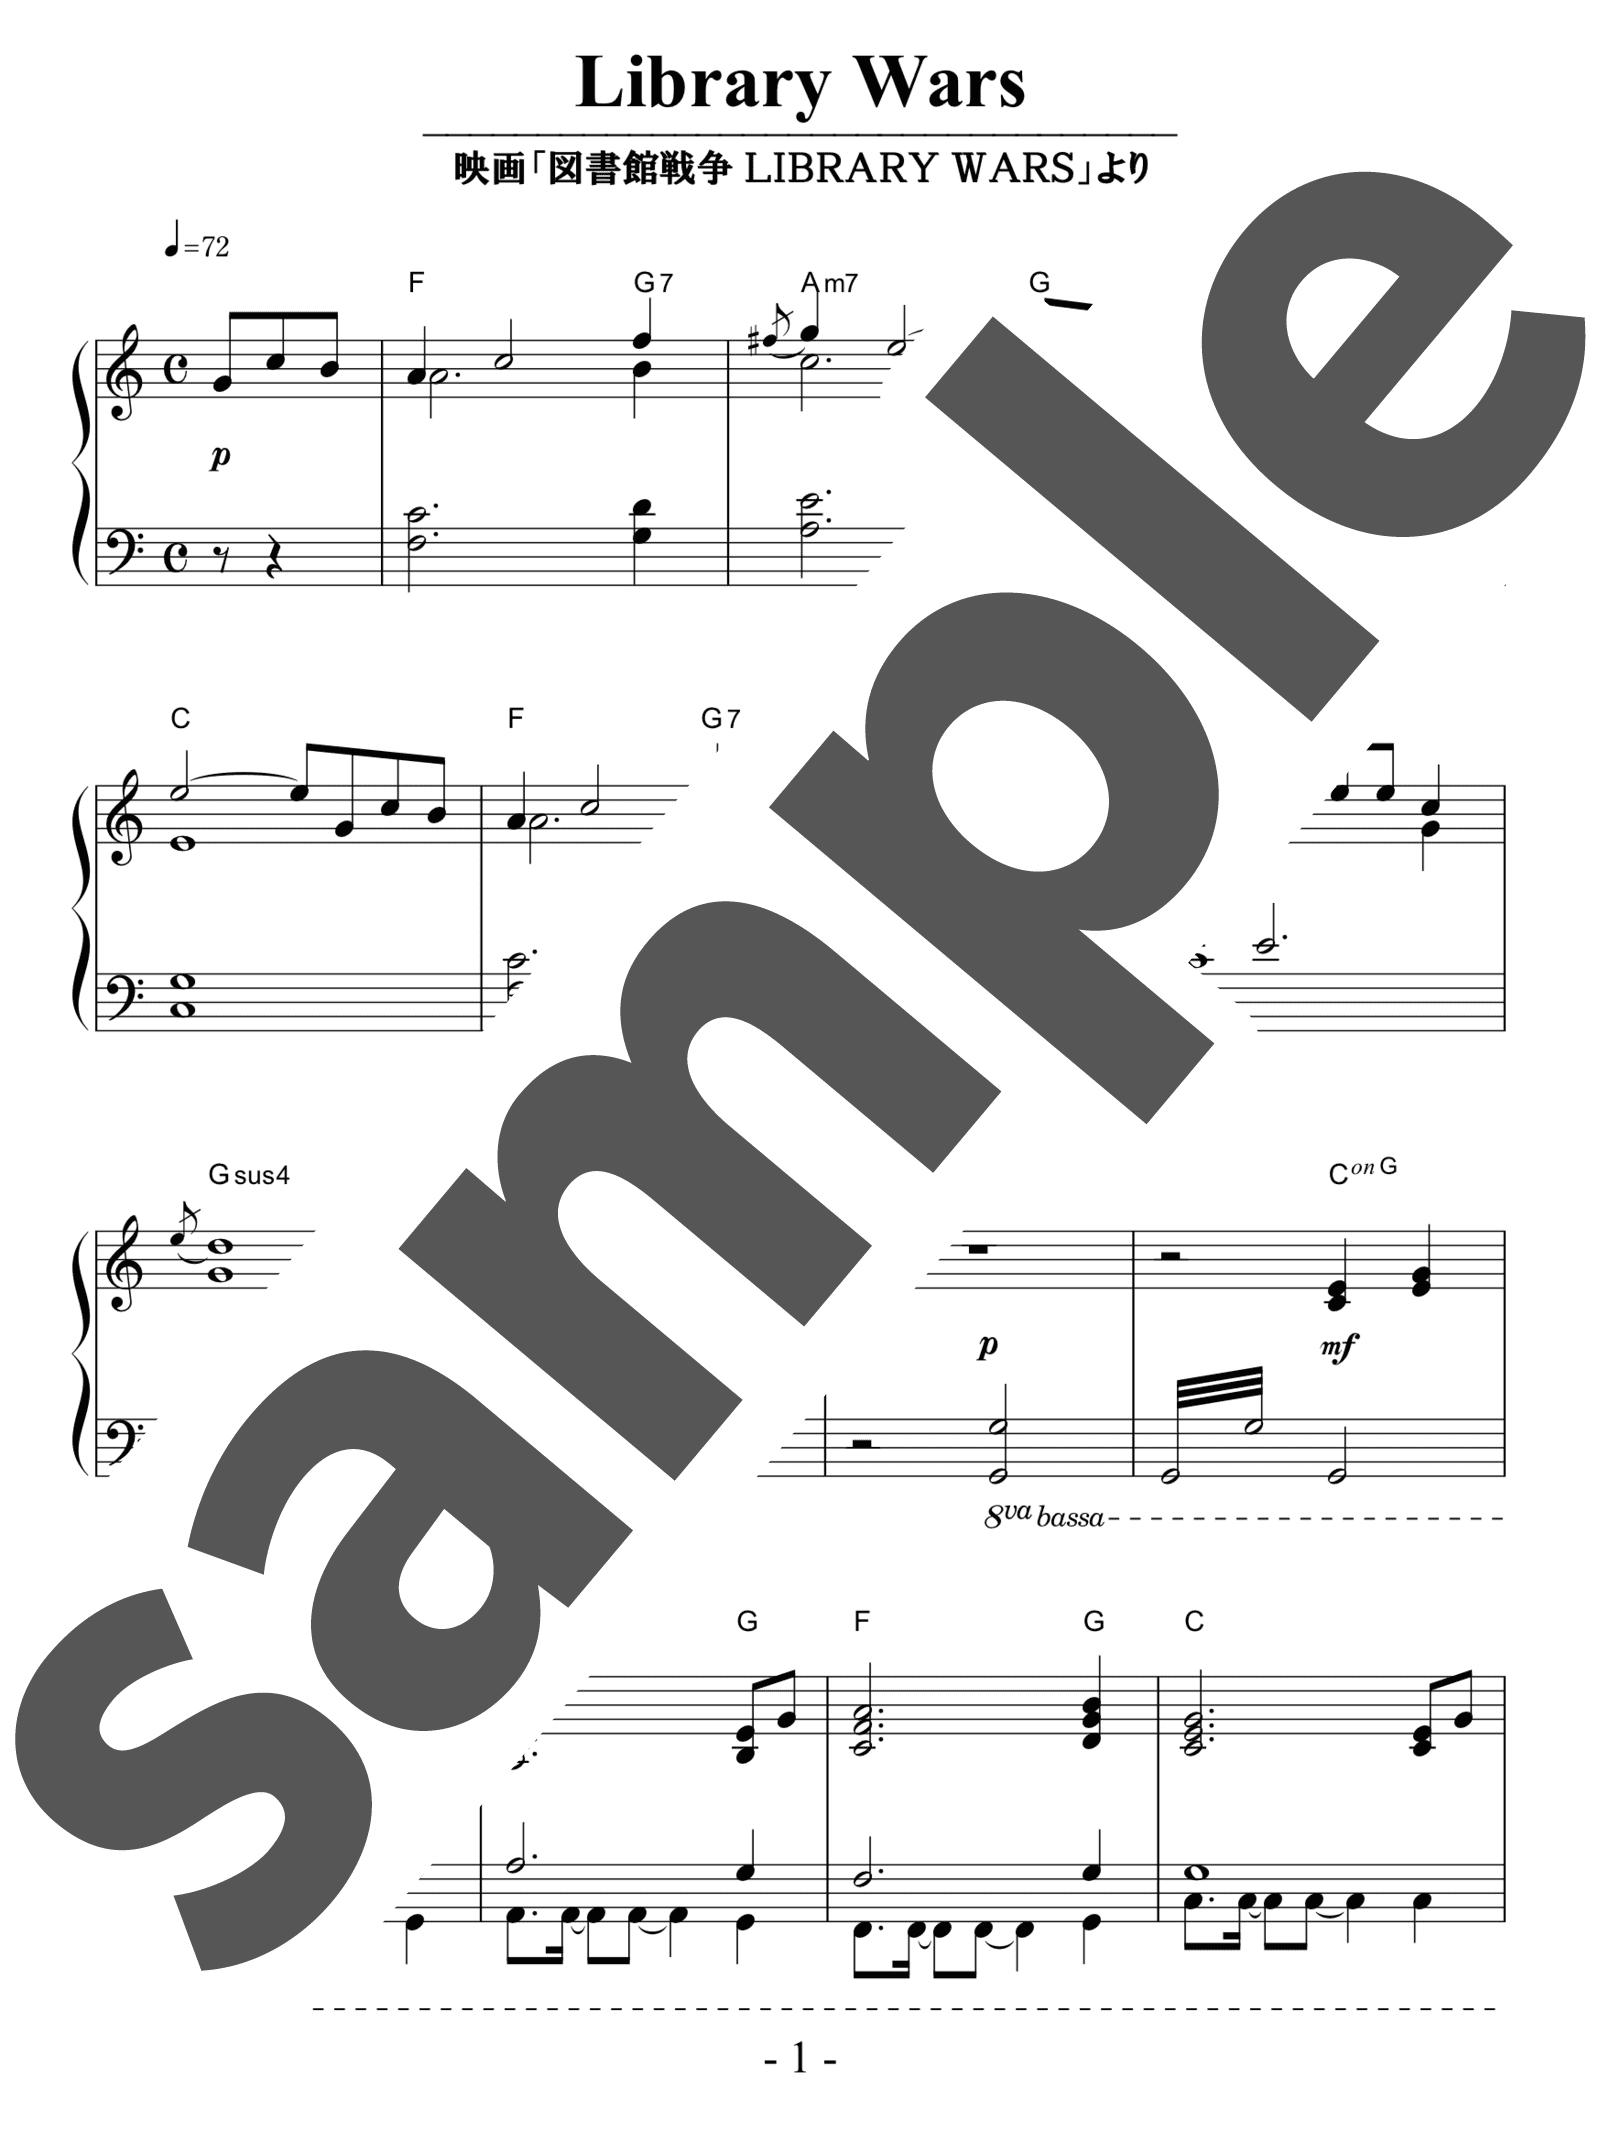 「Library Wars」のサンプル楽譜